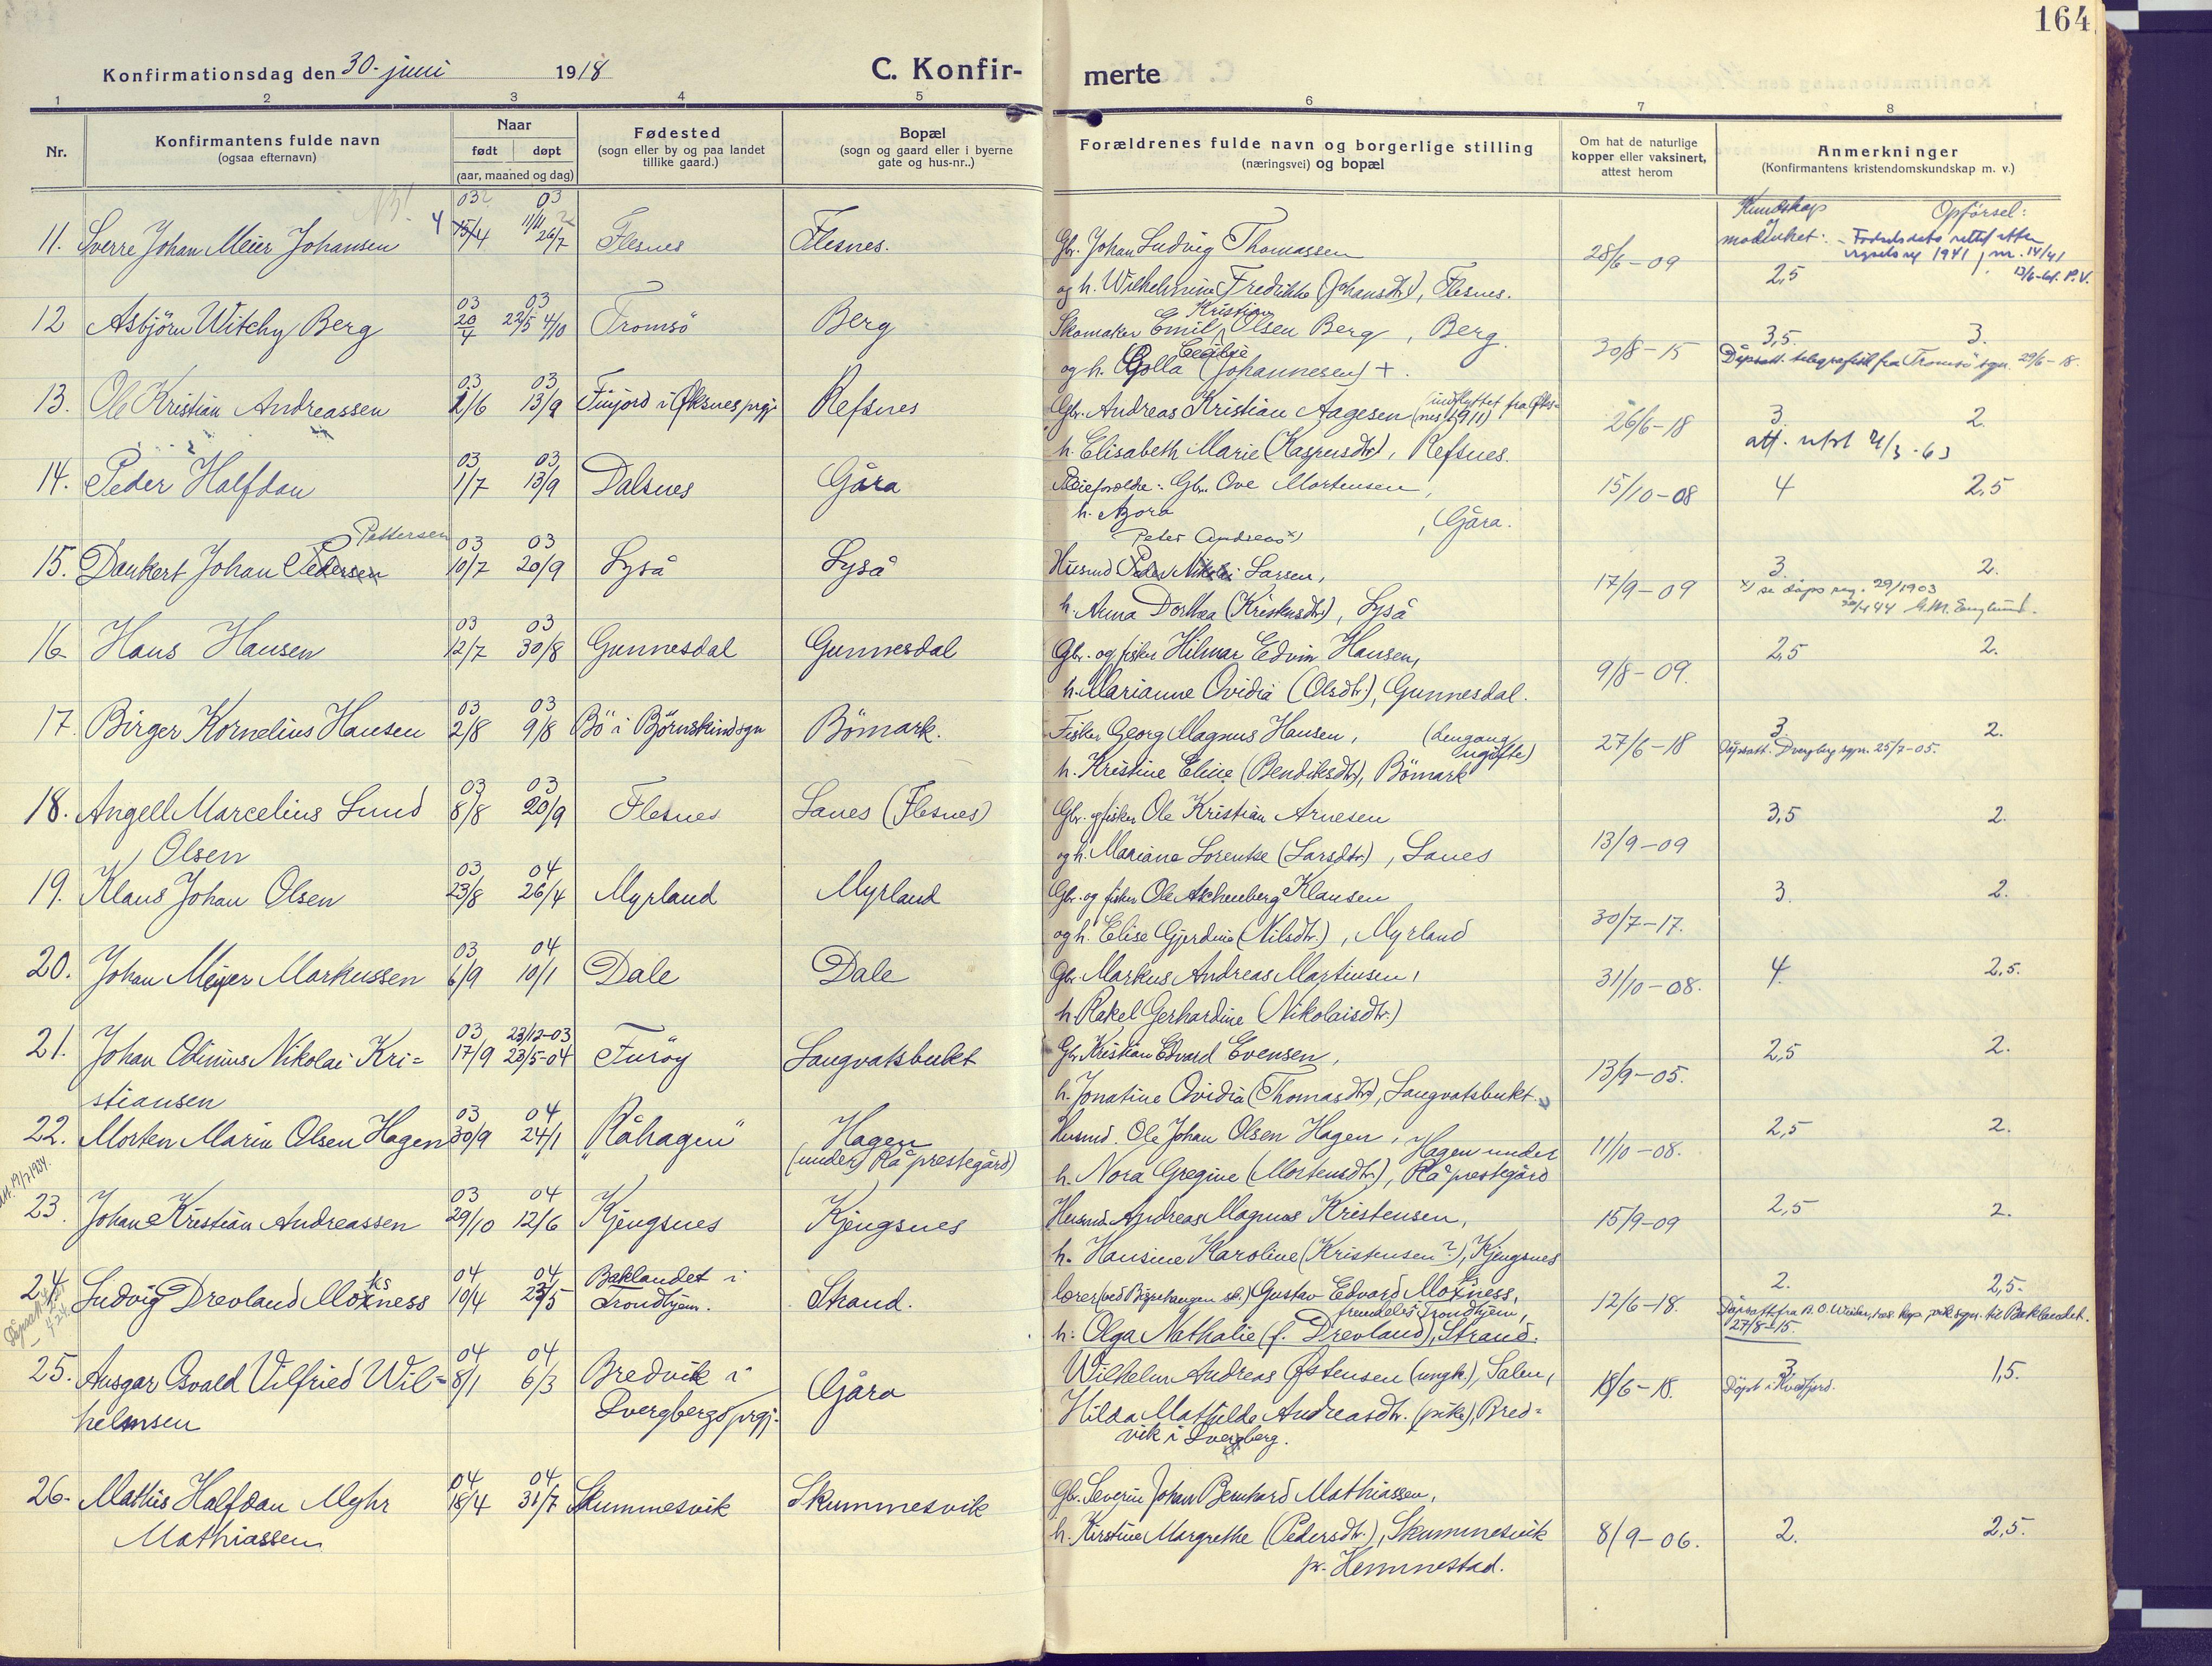 SATØ, Kvæfjord sokneprestkontor, G/Ga/Gaa/L0007kirke: Ministerialbok nr. 7, 1915-1931, s. 164